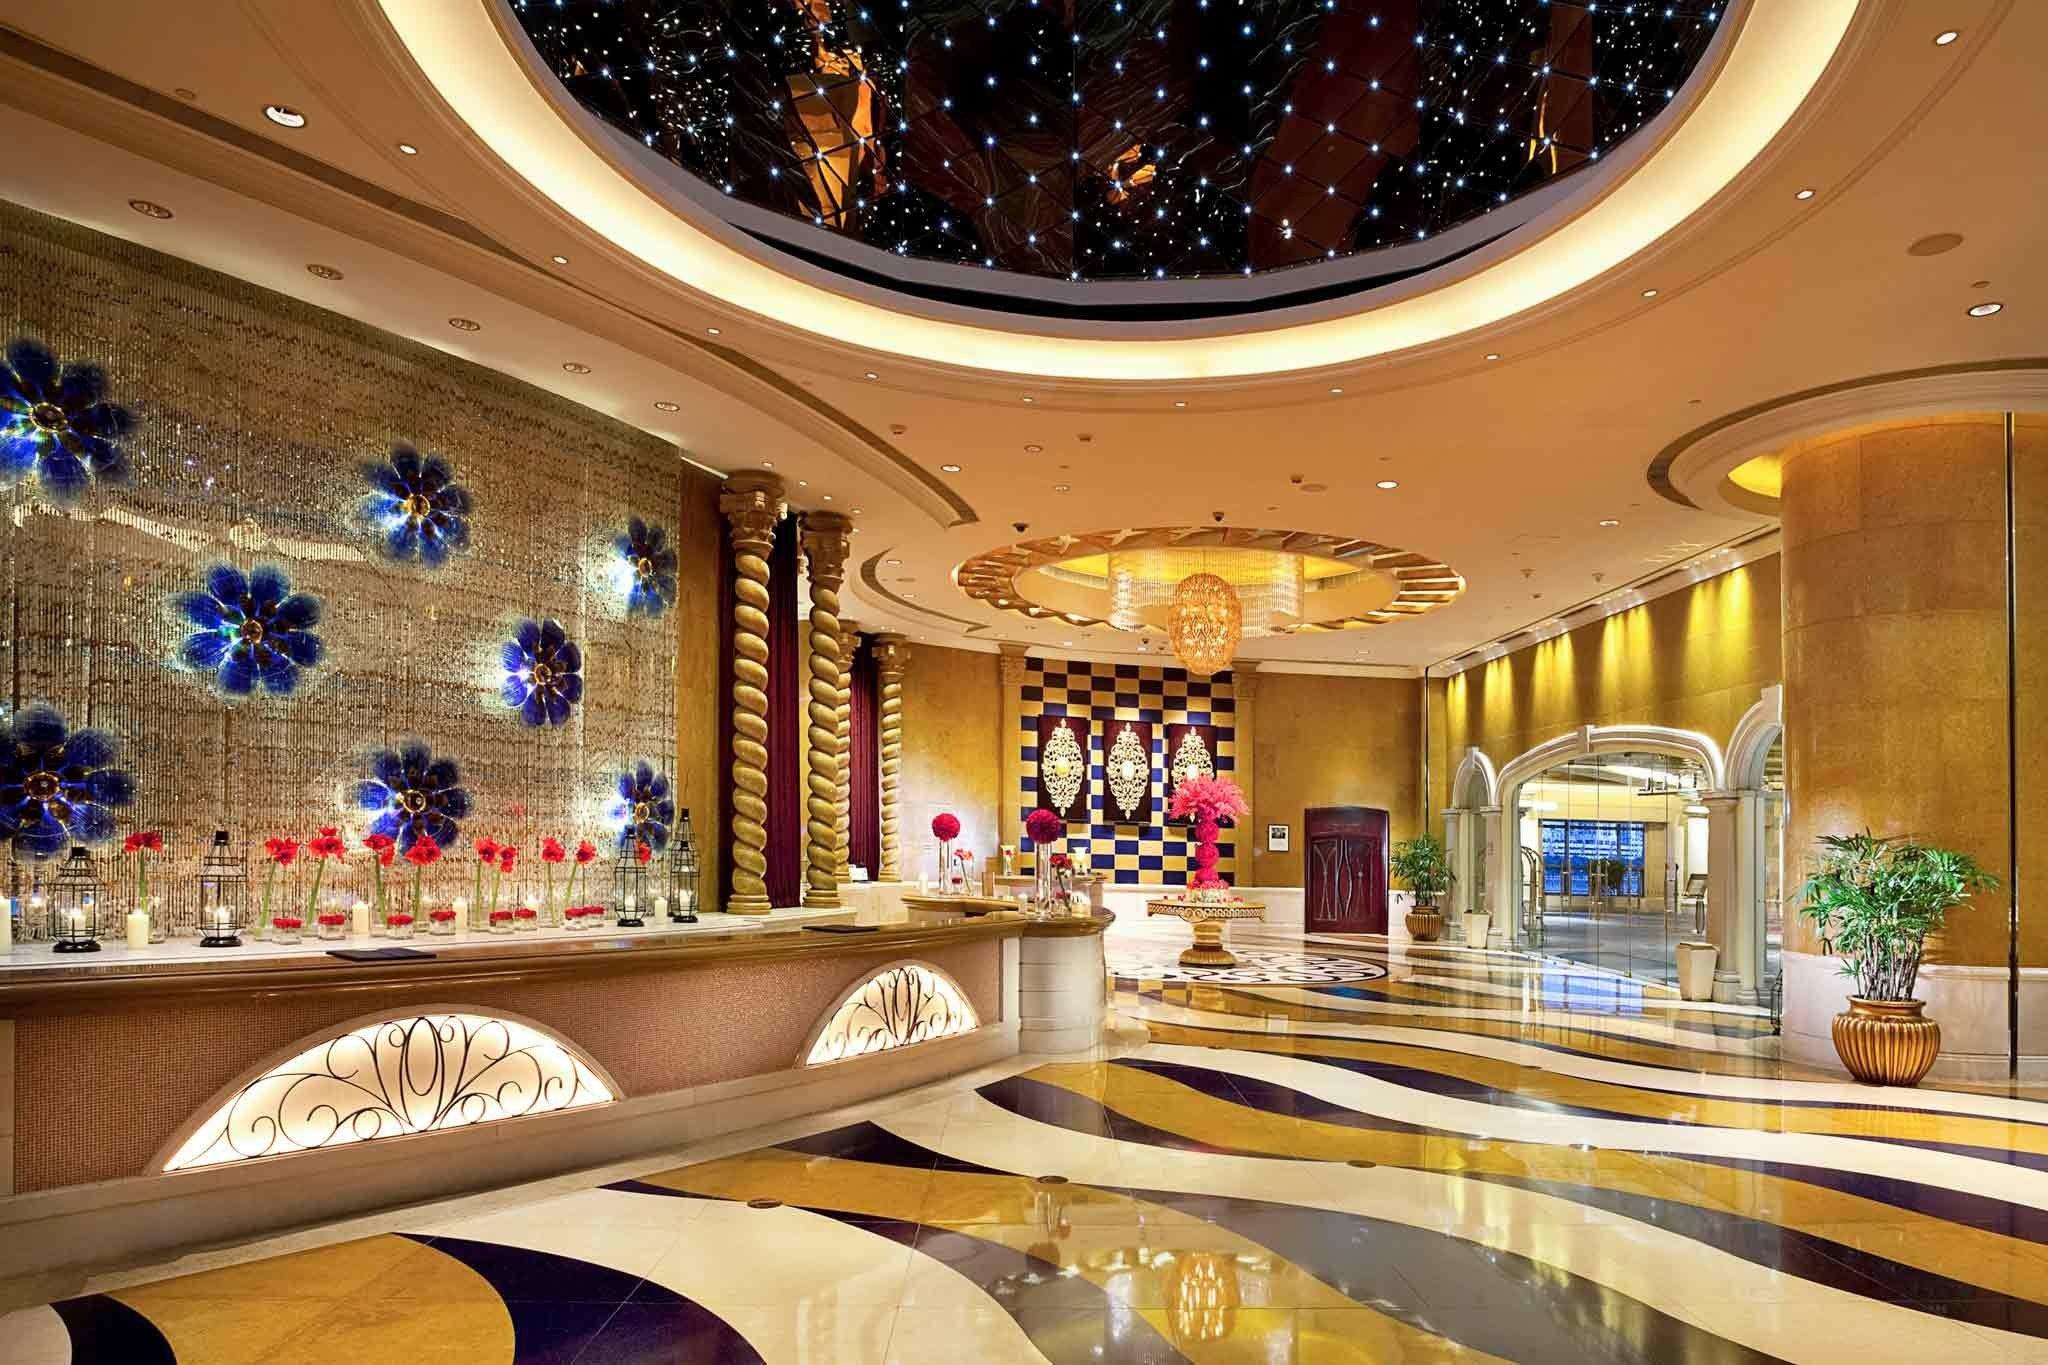 โรงแรมโซฟิเทล มาเก๊า แอท ปงต์ 16